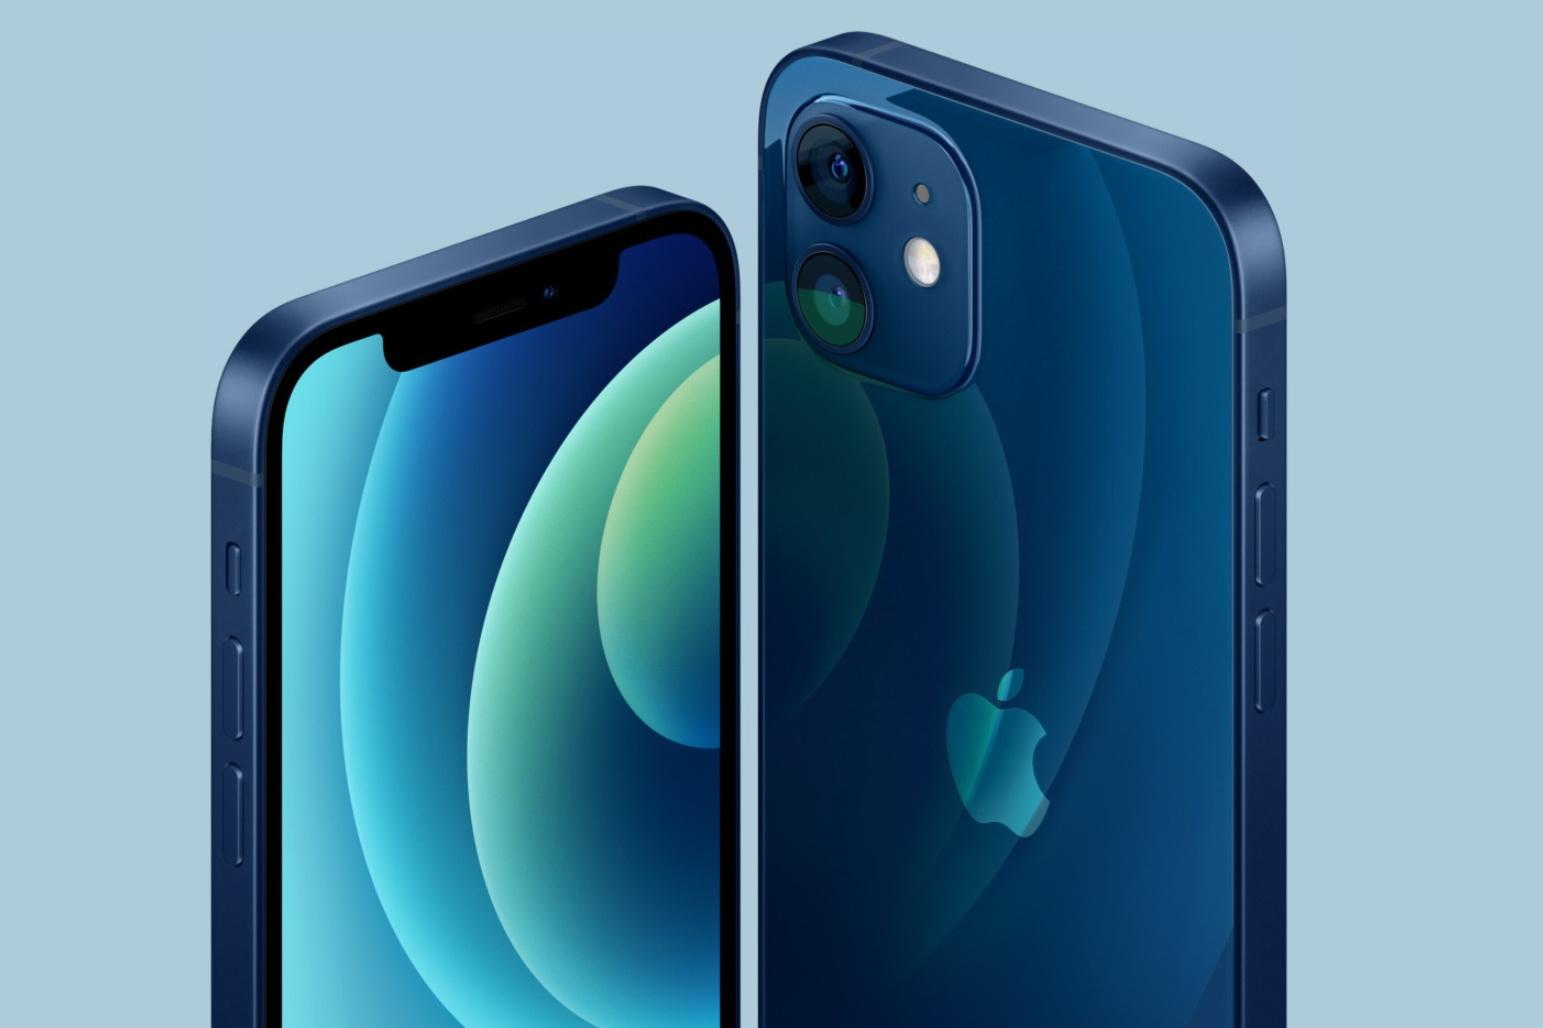 全球5G手机份额:iPhone要占三分之一